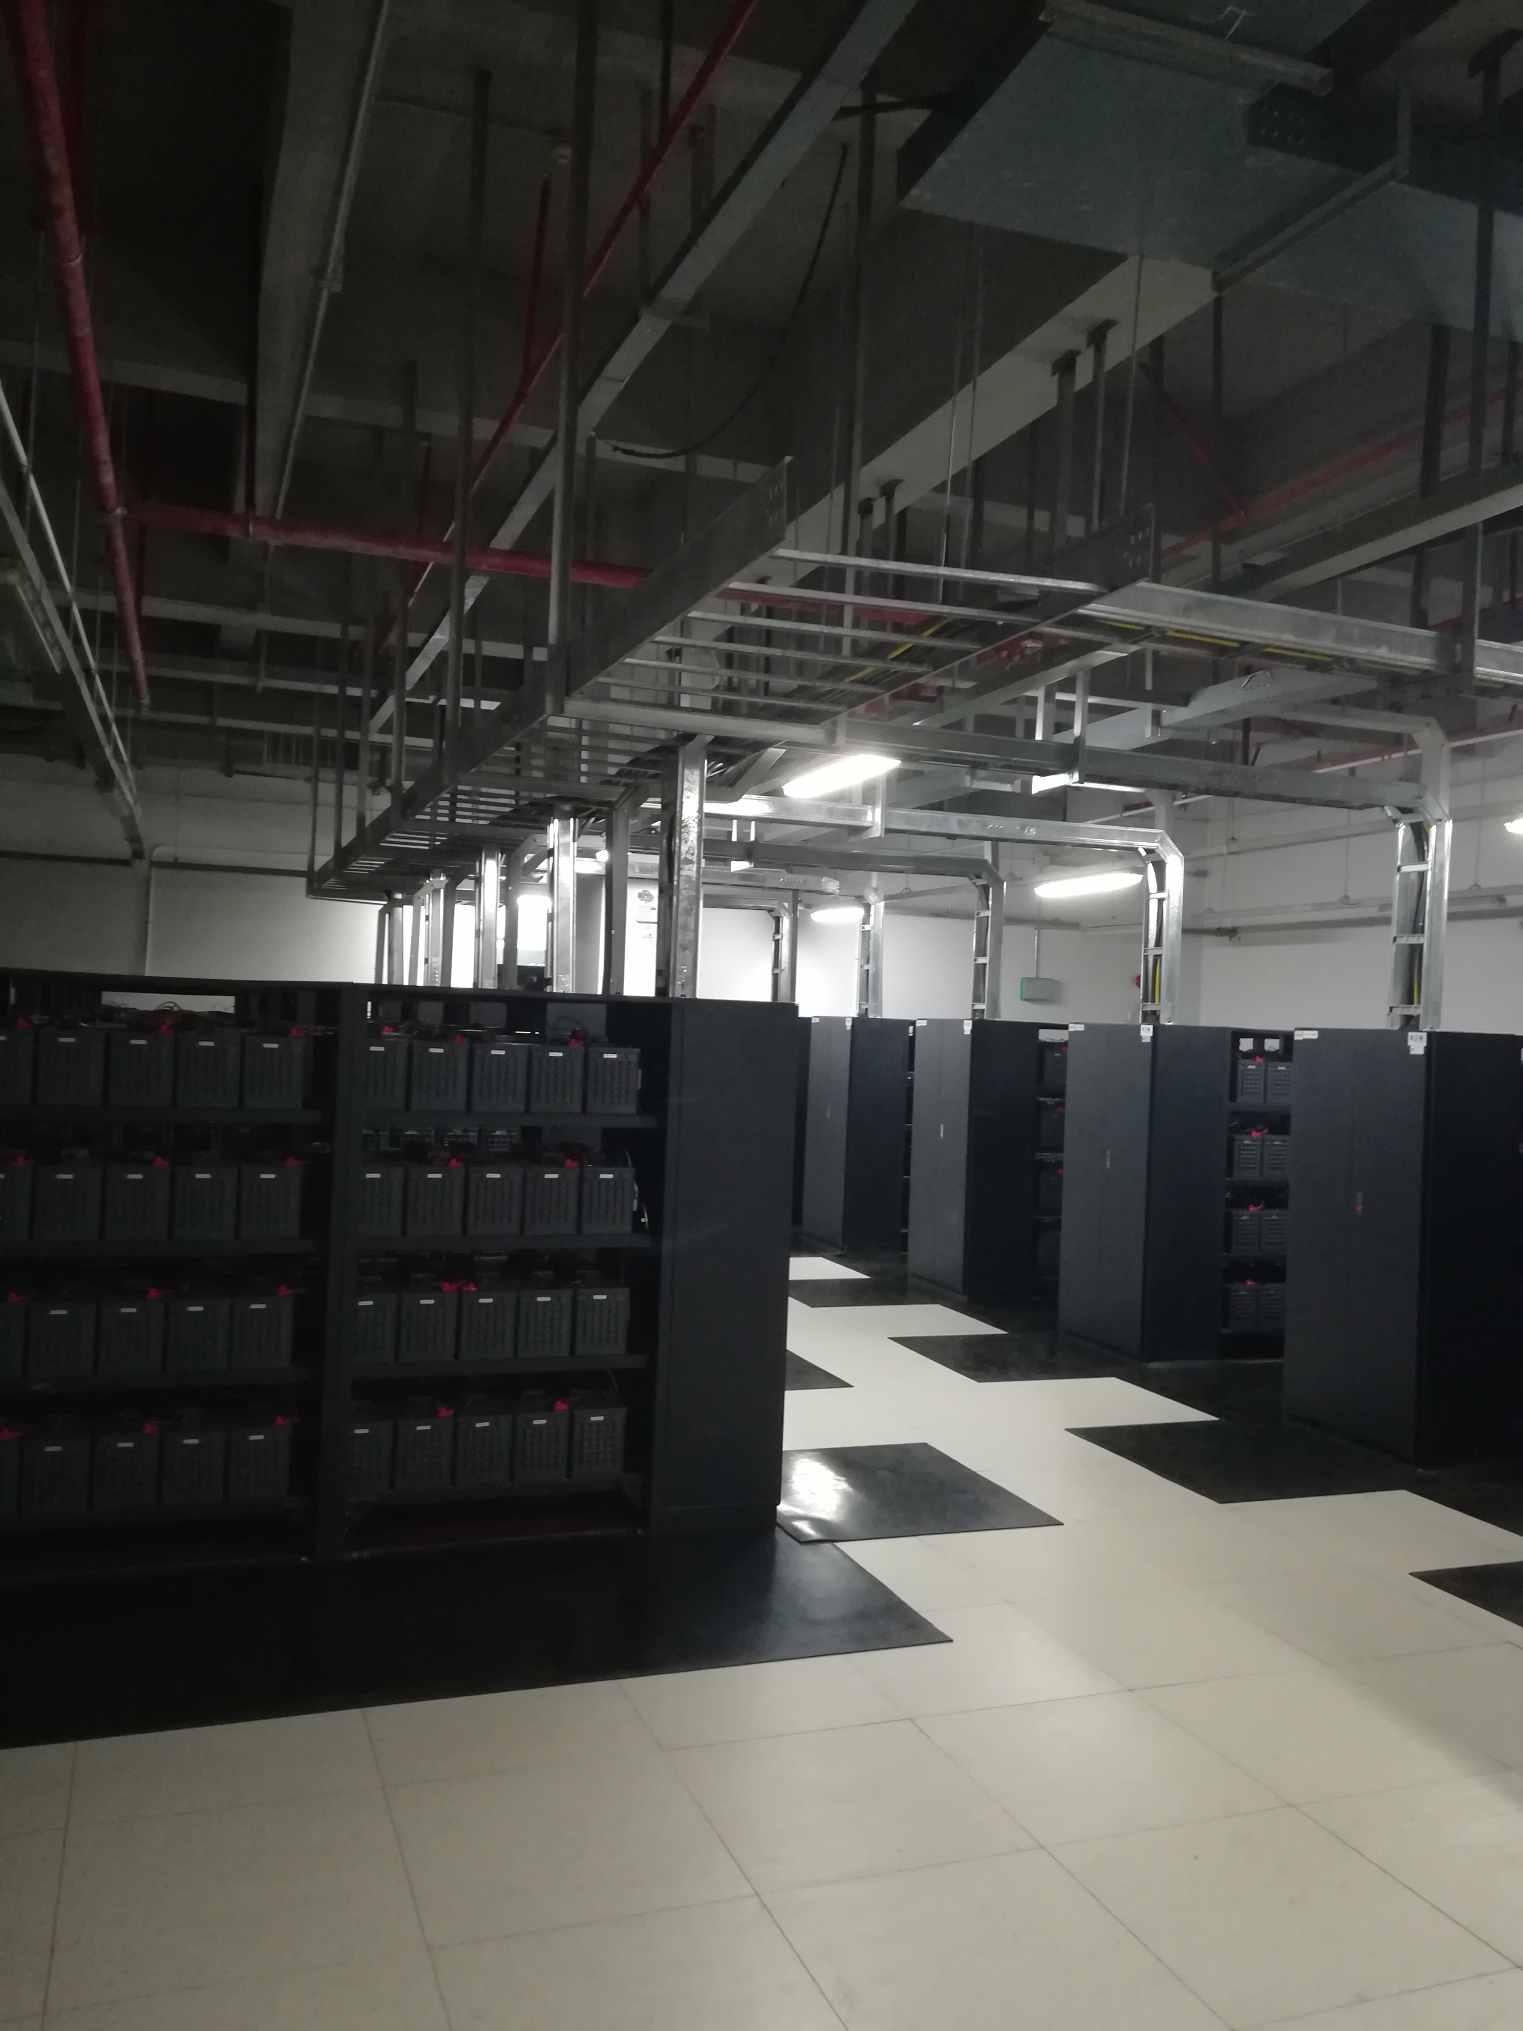 深圳东莞IDC数据中心装修改造搬迁工程方案